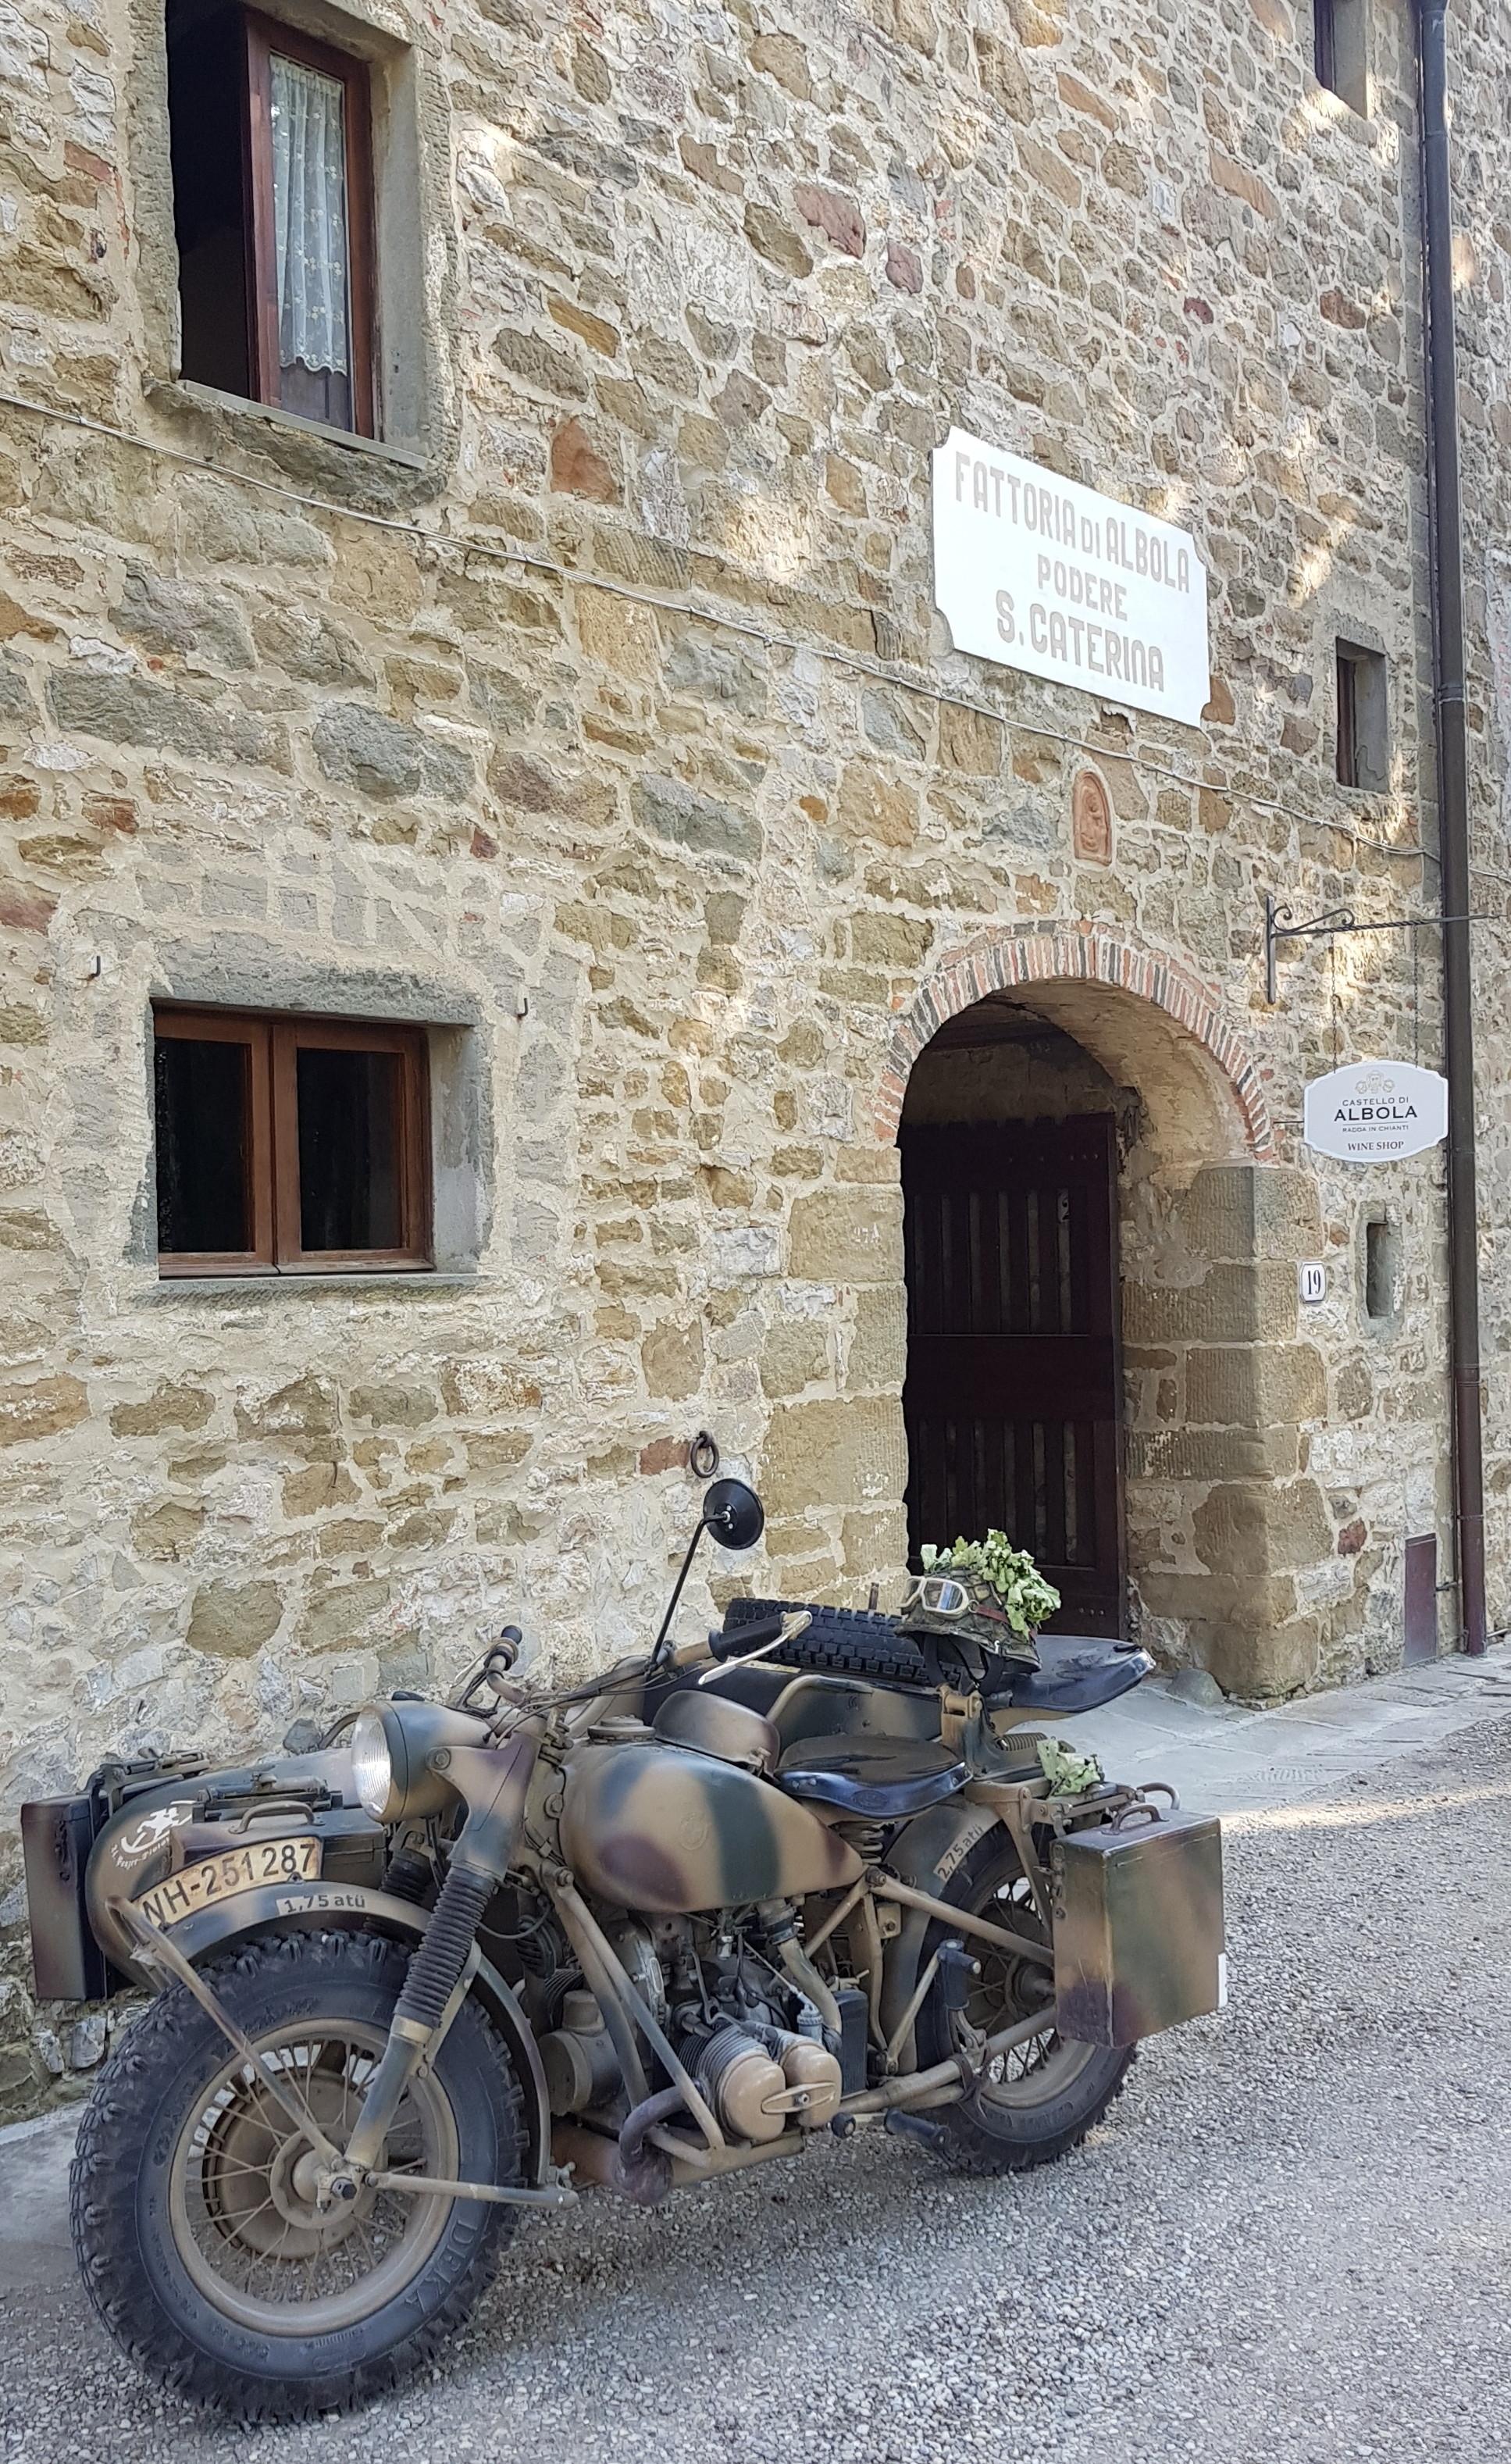 Castello di Albola moto